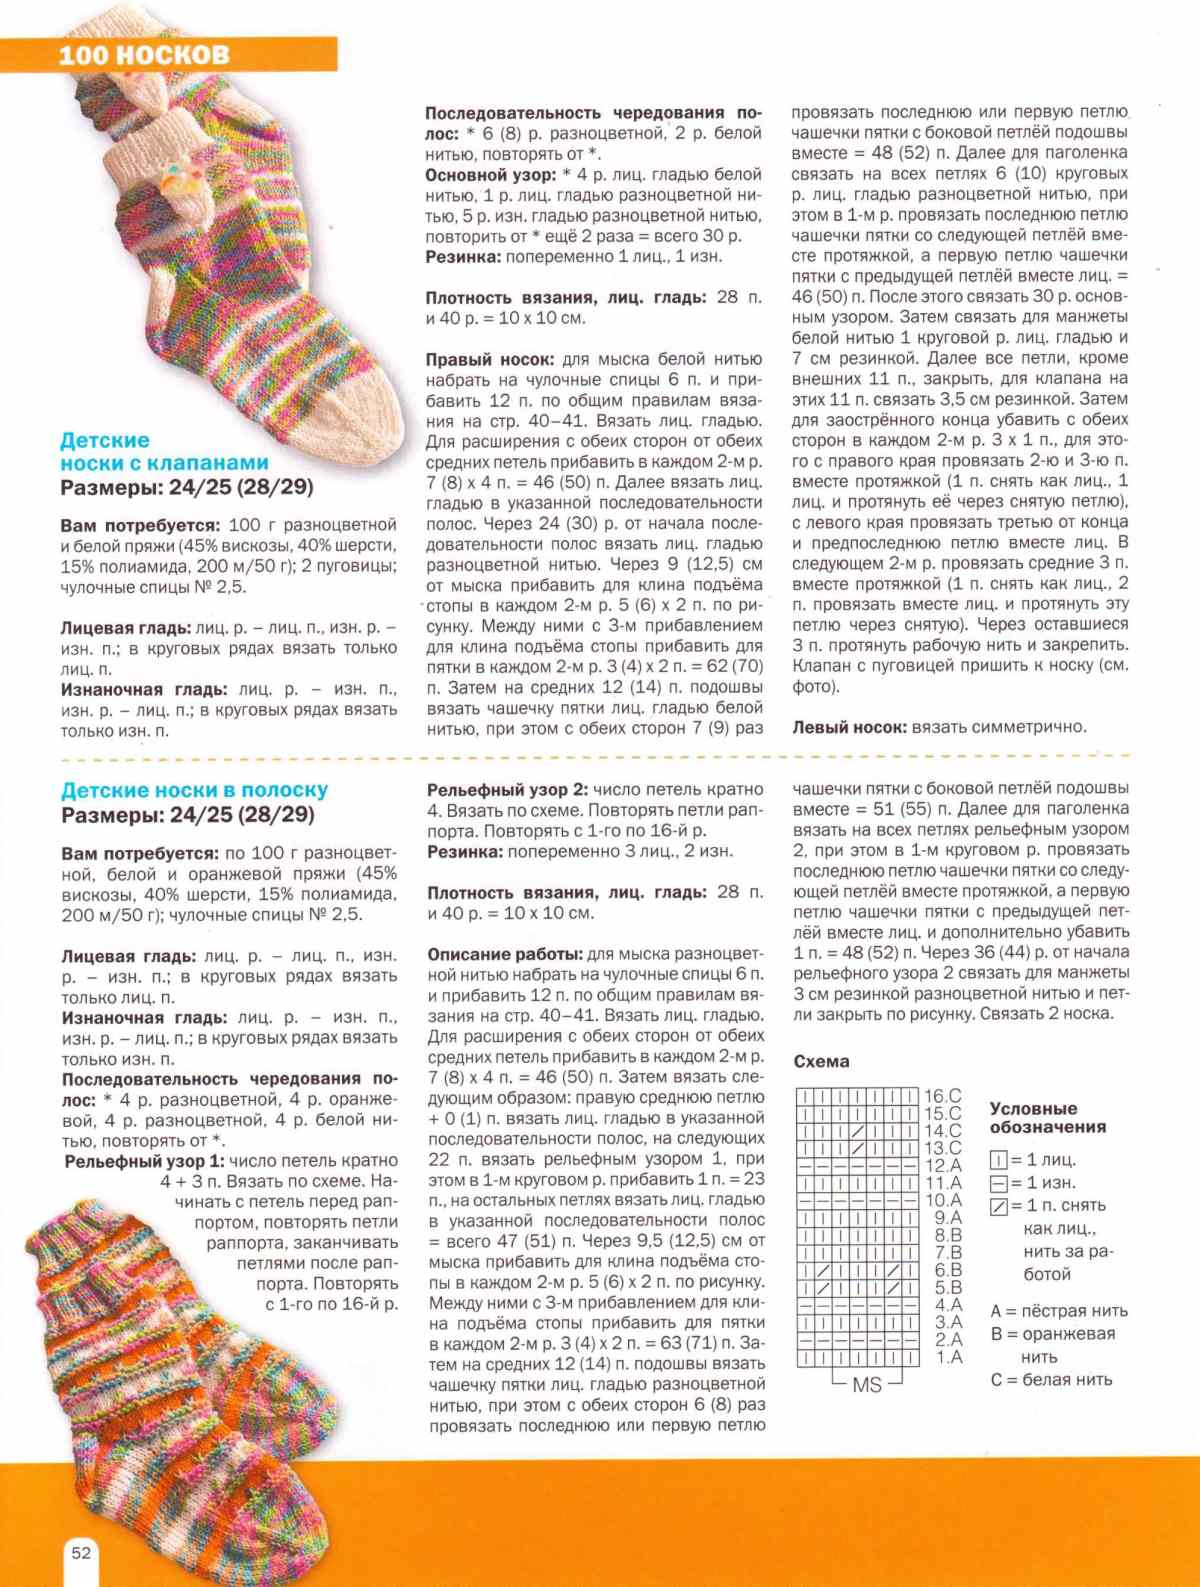 detskie noski spicami 2 - Вязаные детские носки спицами